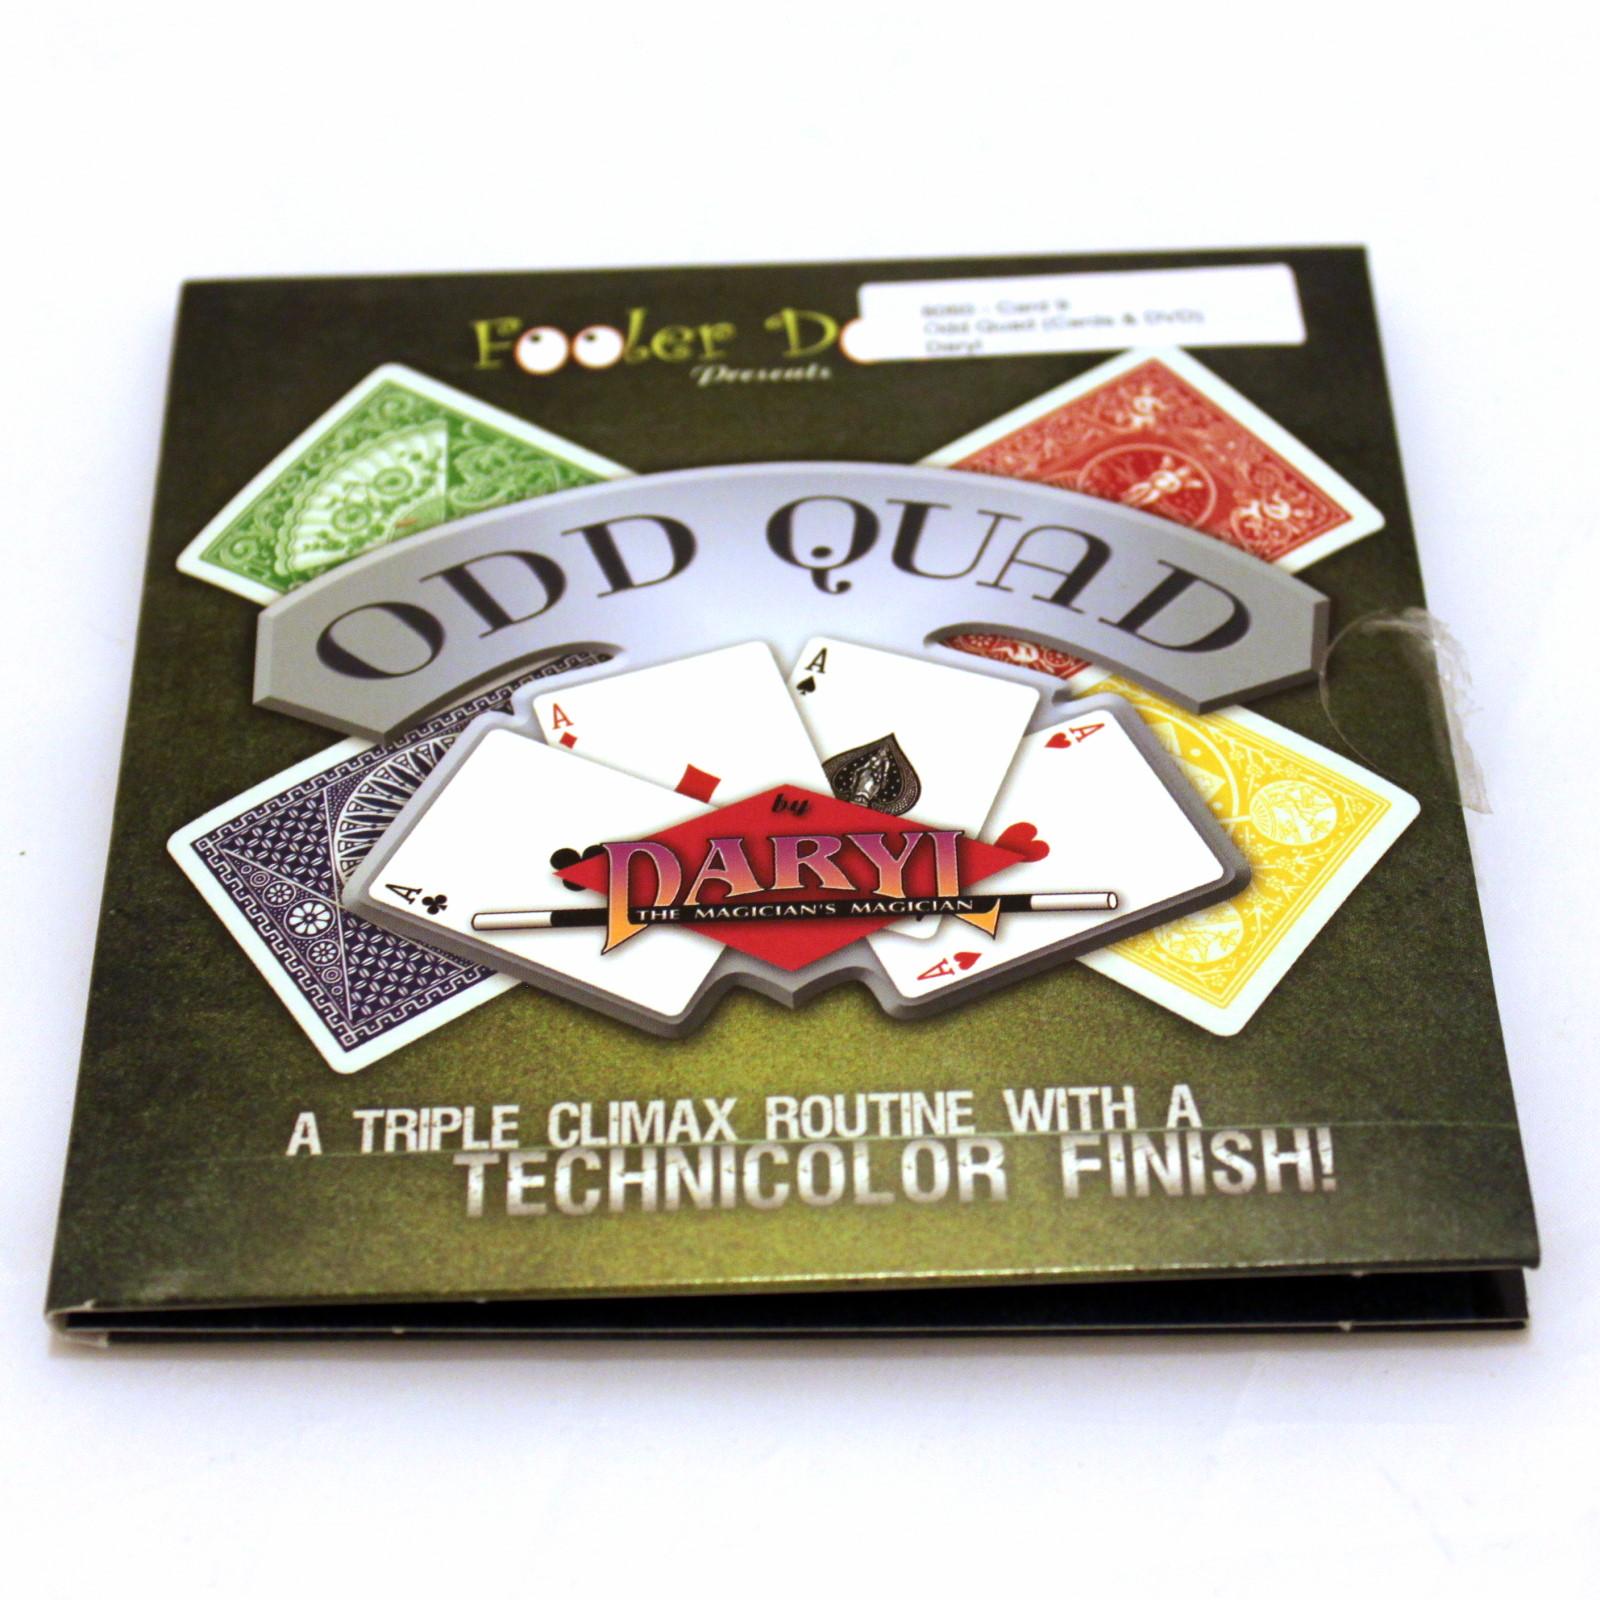 Odd Quad by Daryl